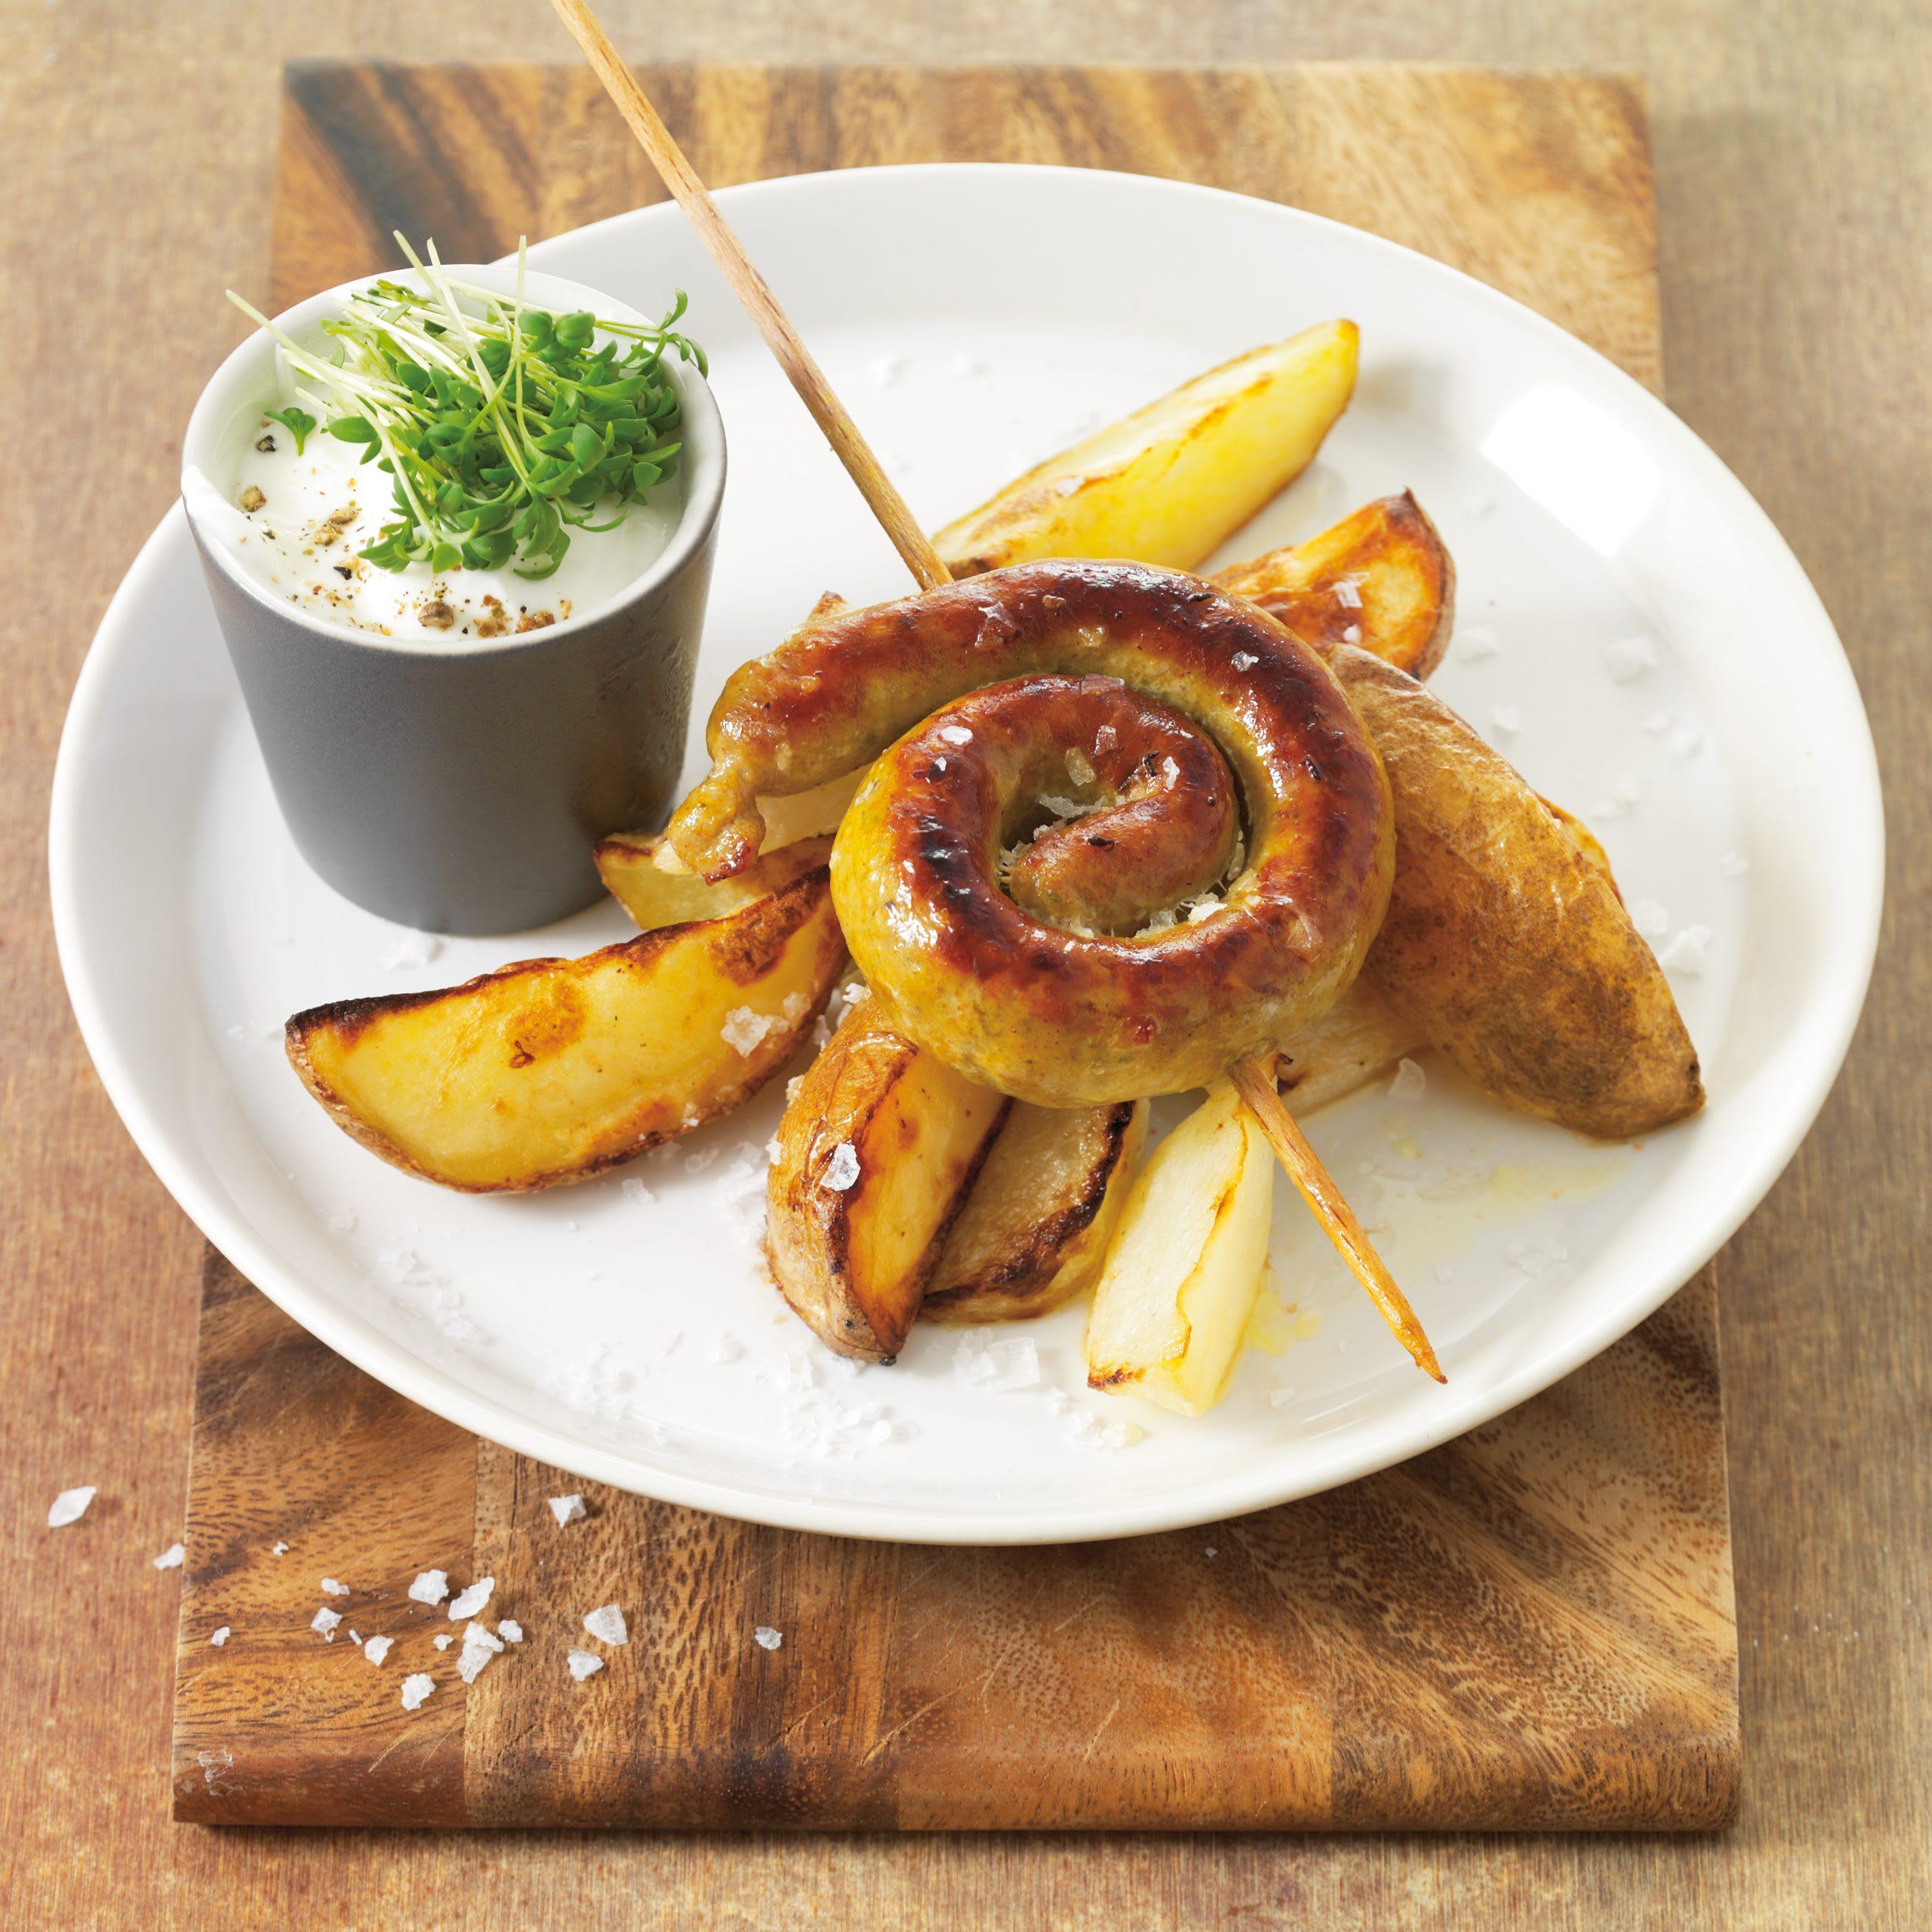 Bratwurstschnecke mit Kohlrabi- und Kartoffelschnitzen